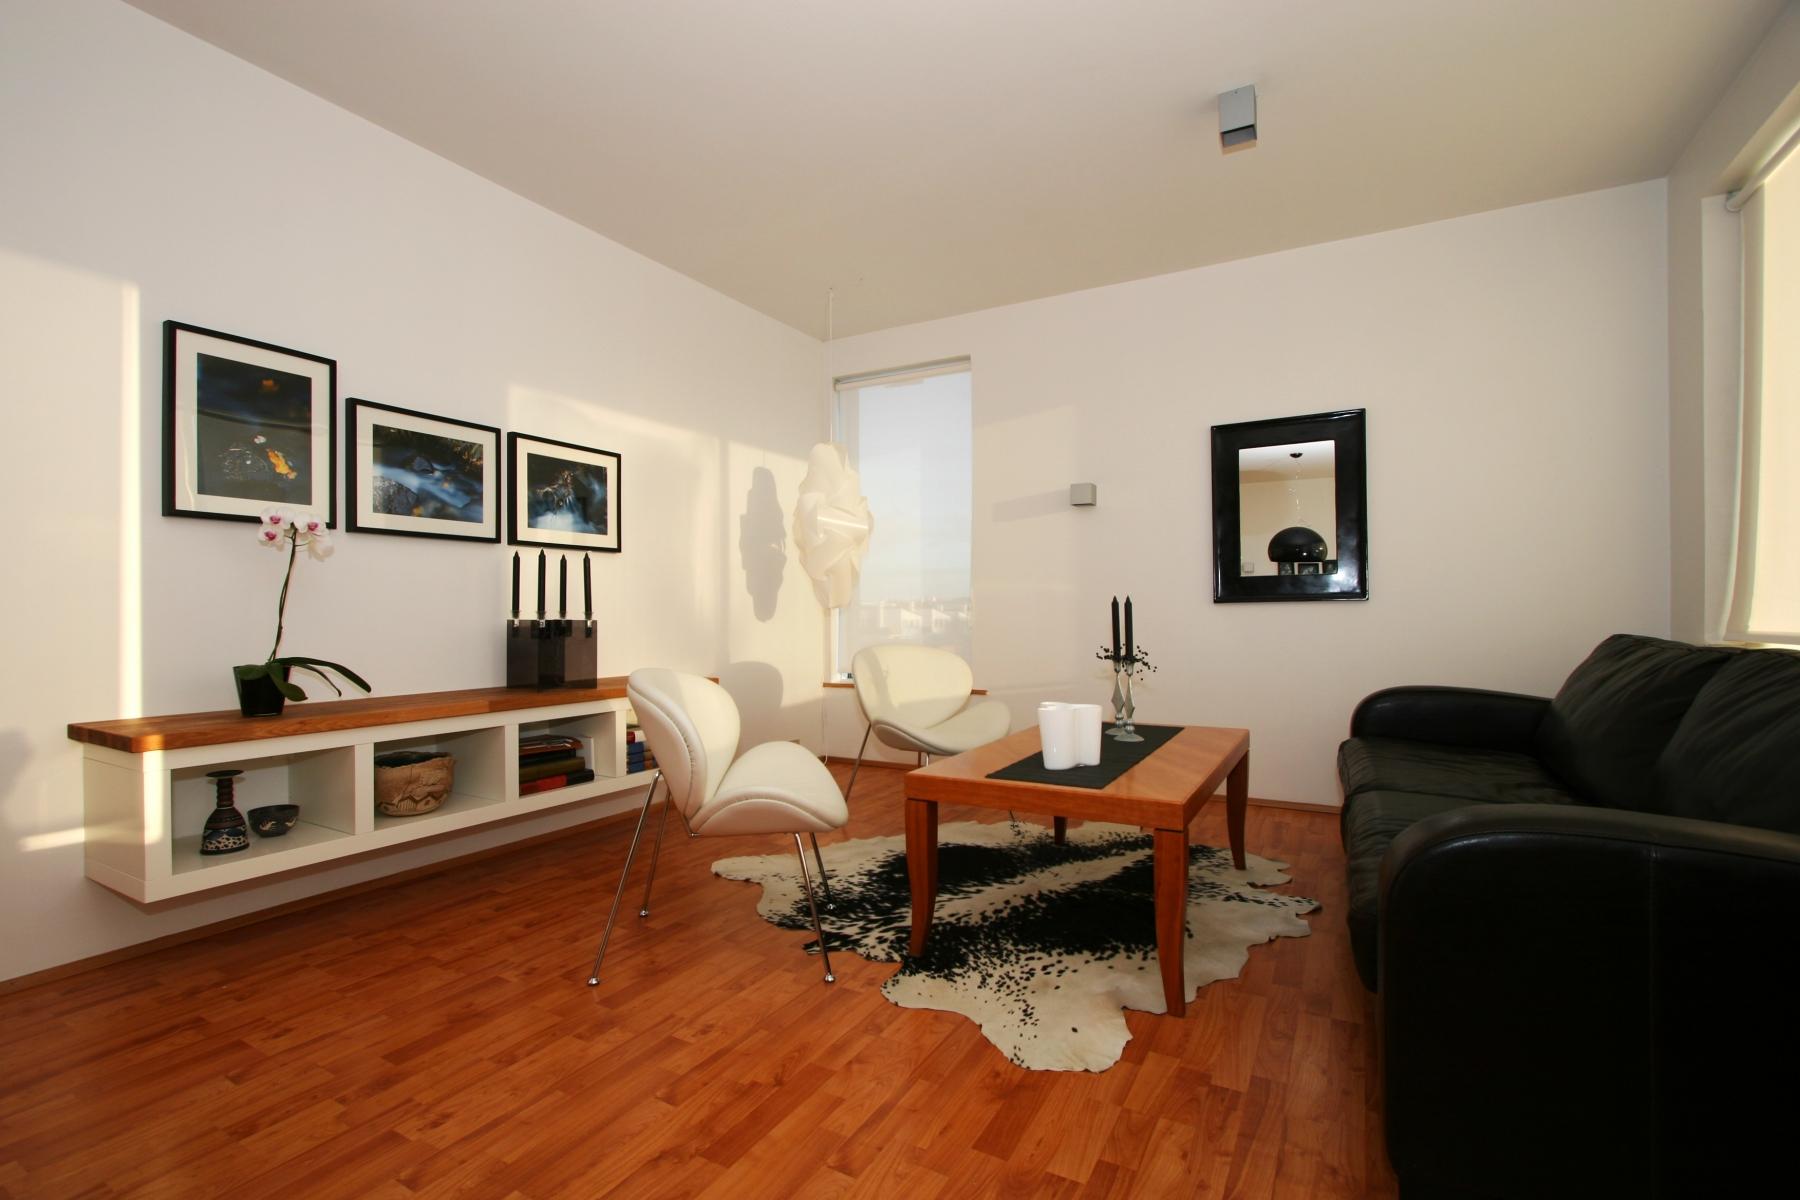 Однокомнатная квартира с интерьером в стиле модерн